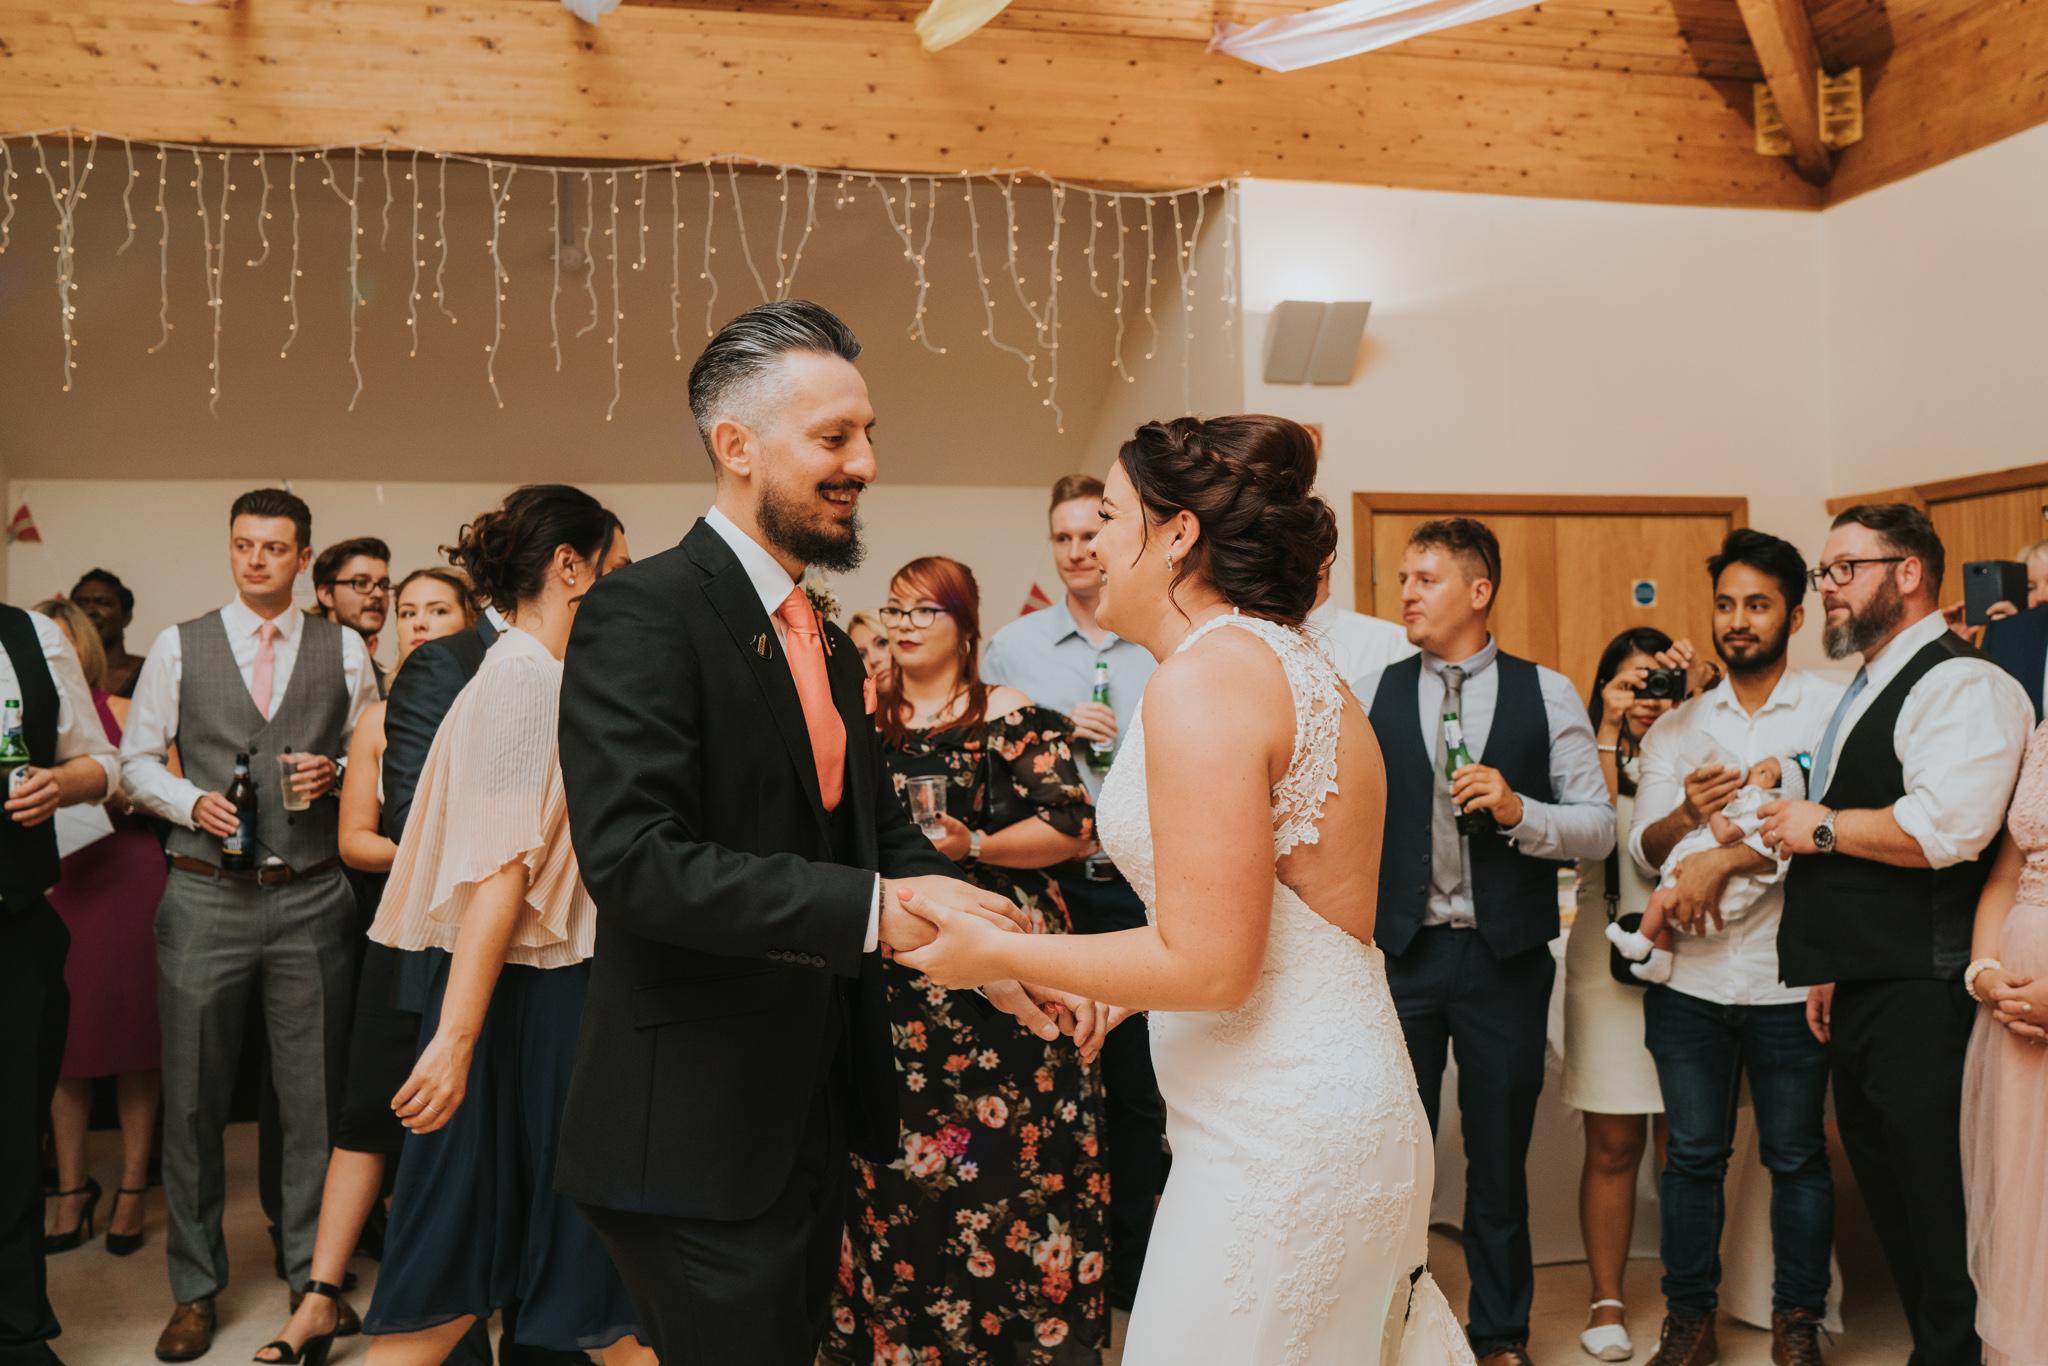 Joe-Tiffany-Colchester-Castle-Wedding-Essex-Grace-Elizabeth-Colchester-Essex-Alternative-Wedding-Photographer-Suffolk-Norfolk-Devon (115 of 122).jpg